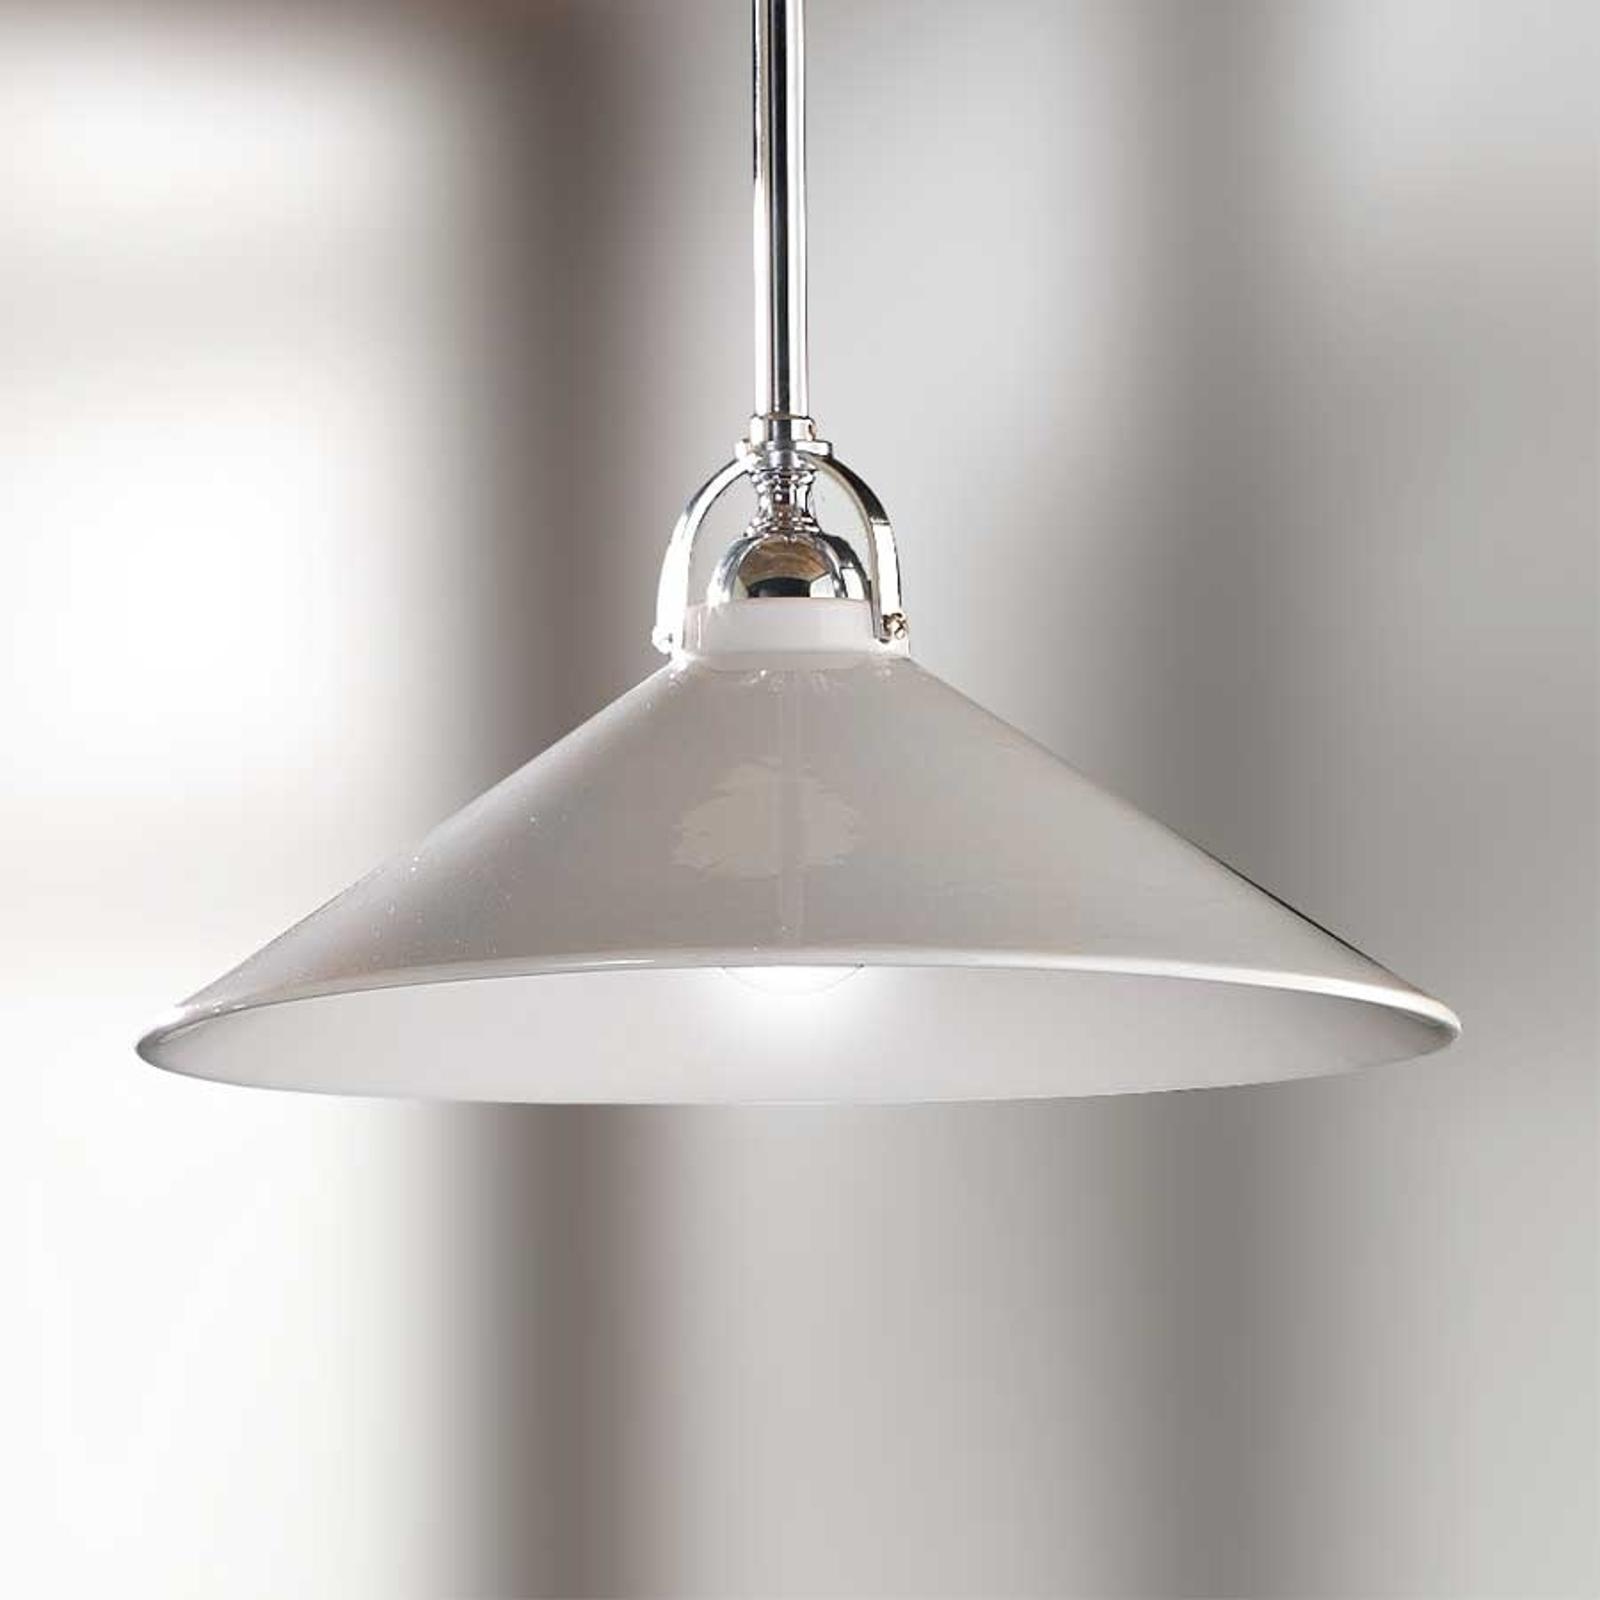 Witte hanglamp GIACOMO met keramieken kap